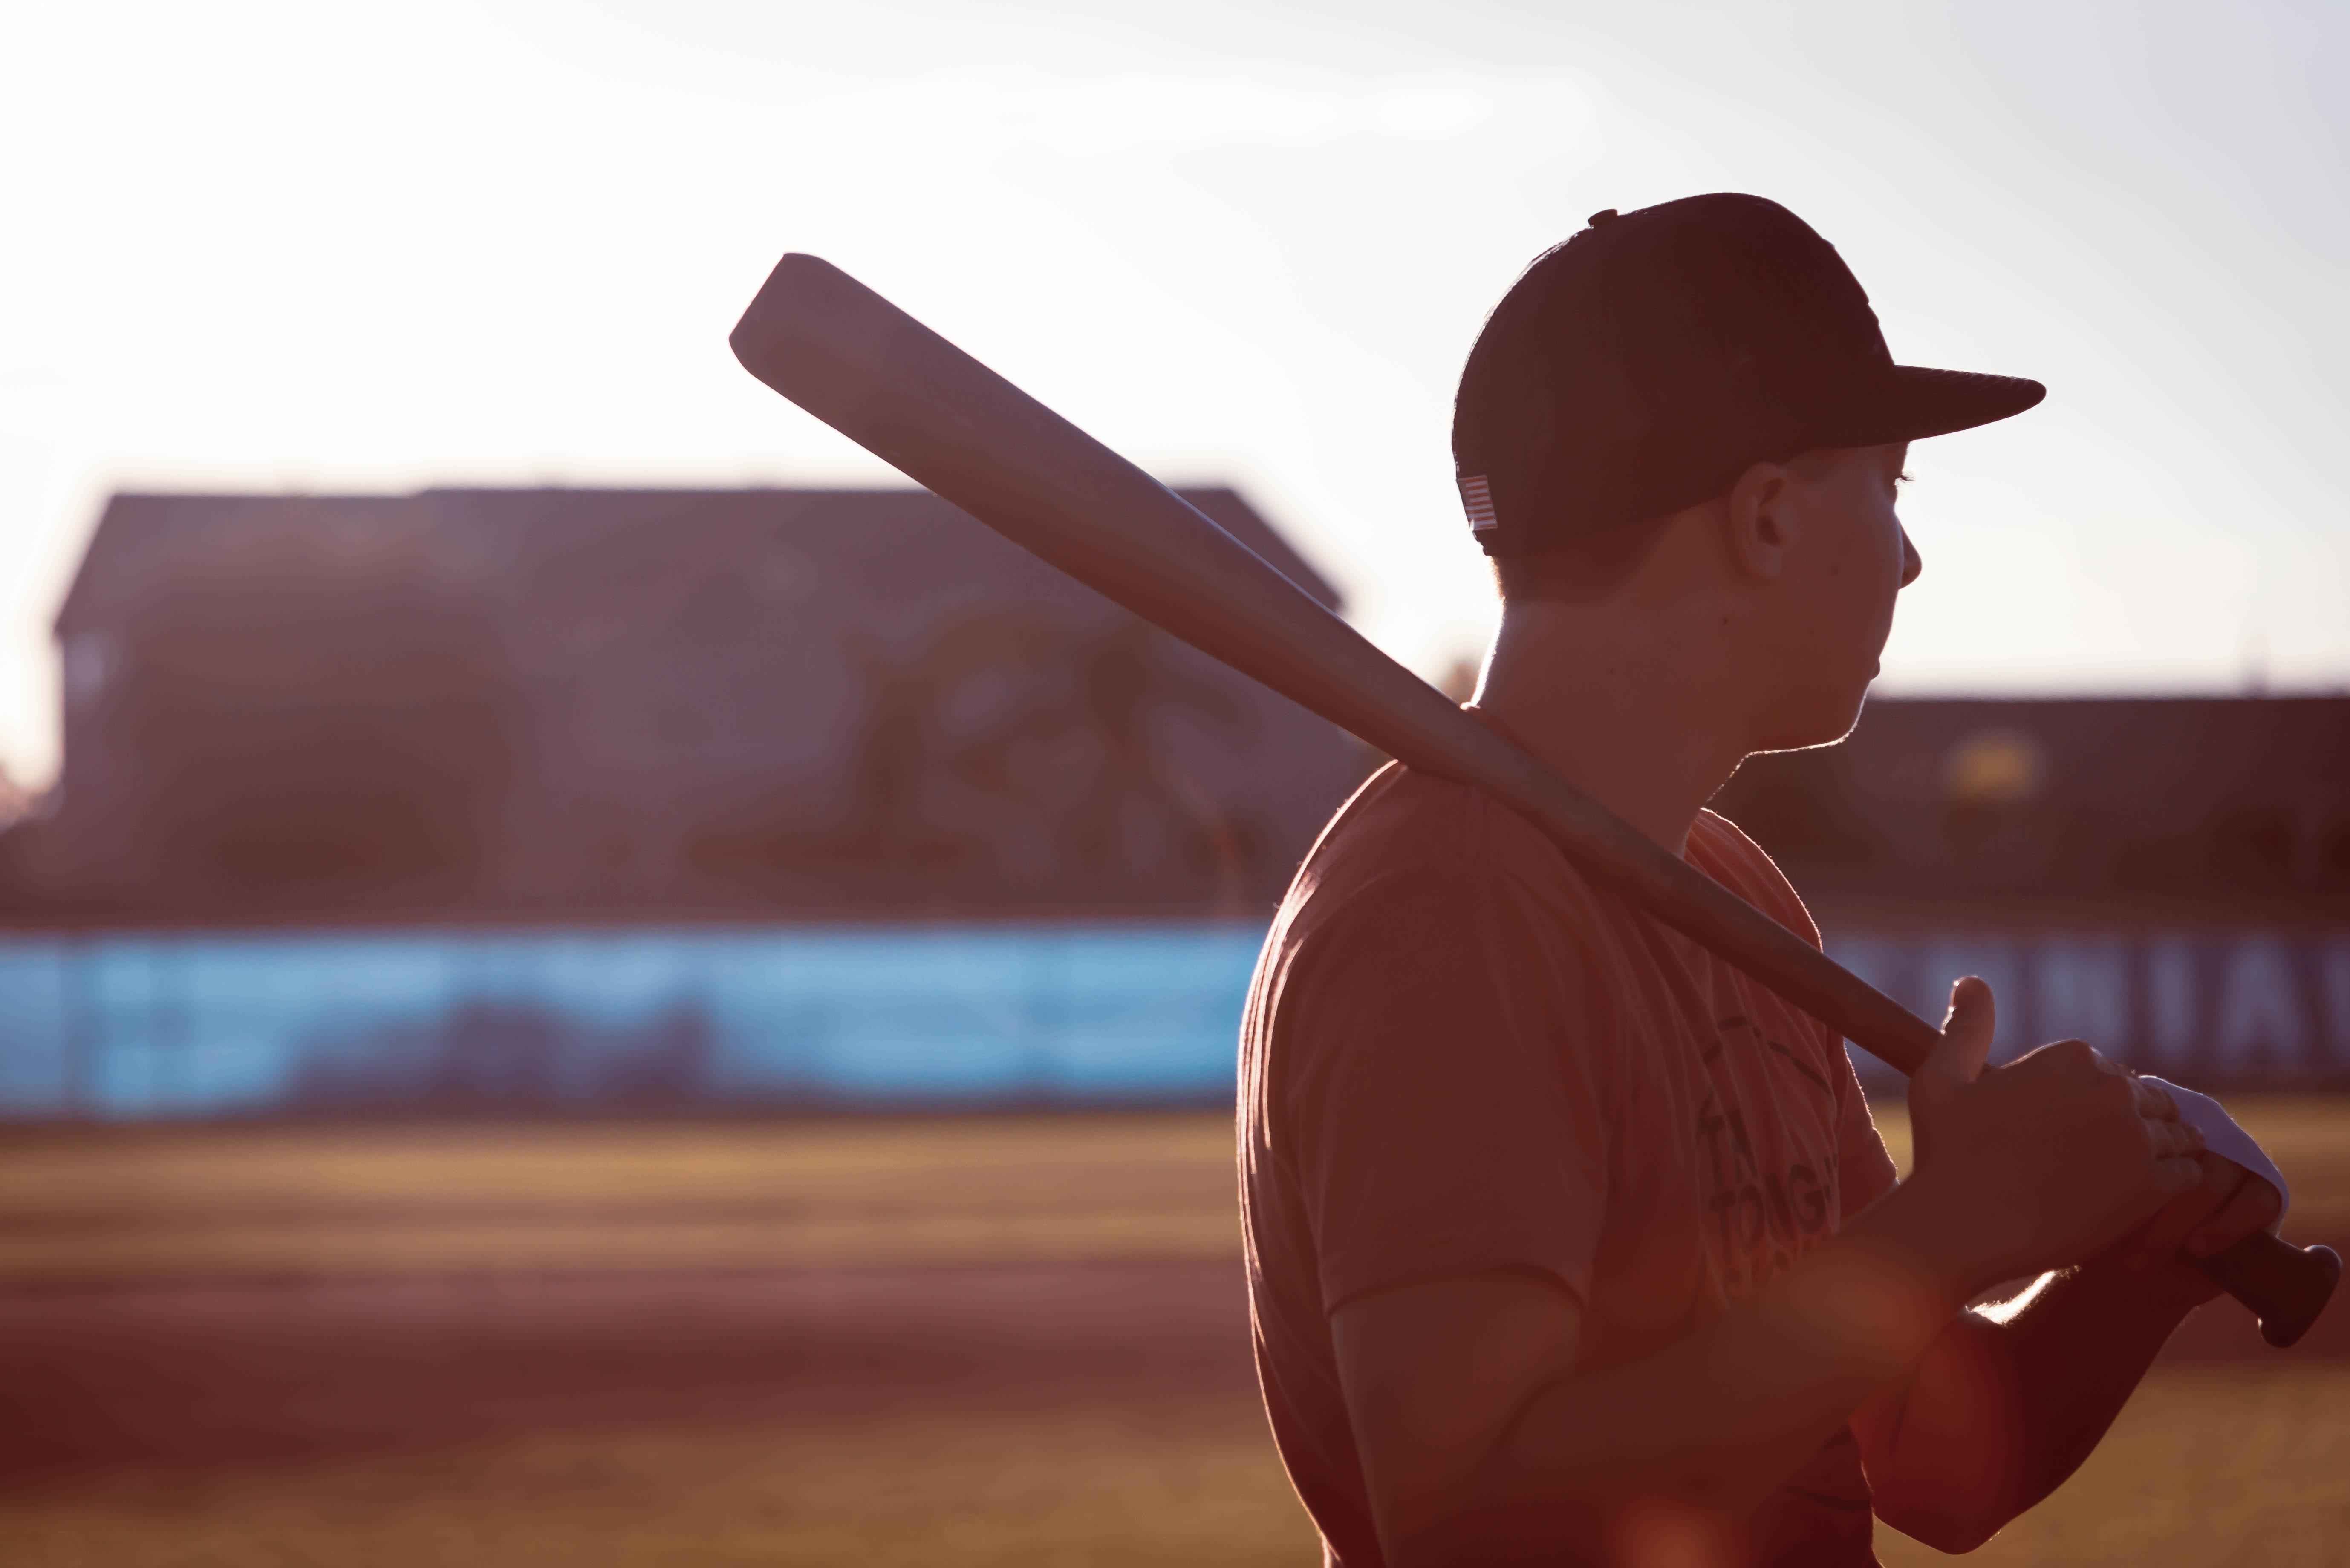 Darmowe Zdjecia Czynnosc Sportowiec Baseball Kij Baseball Owy